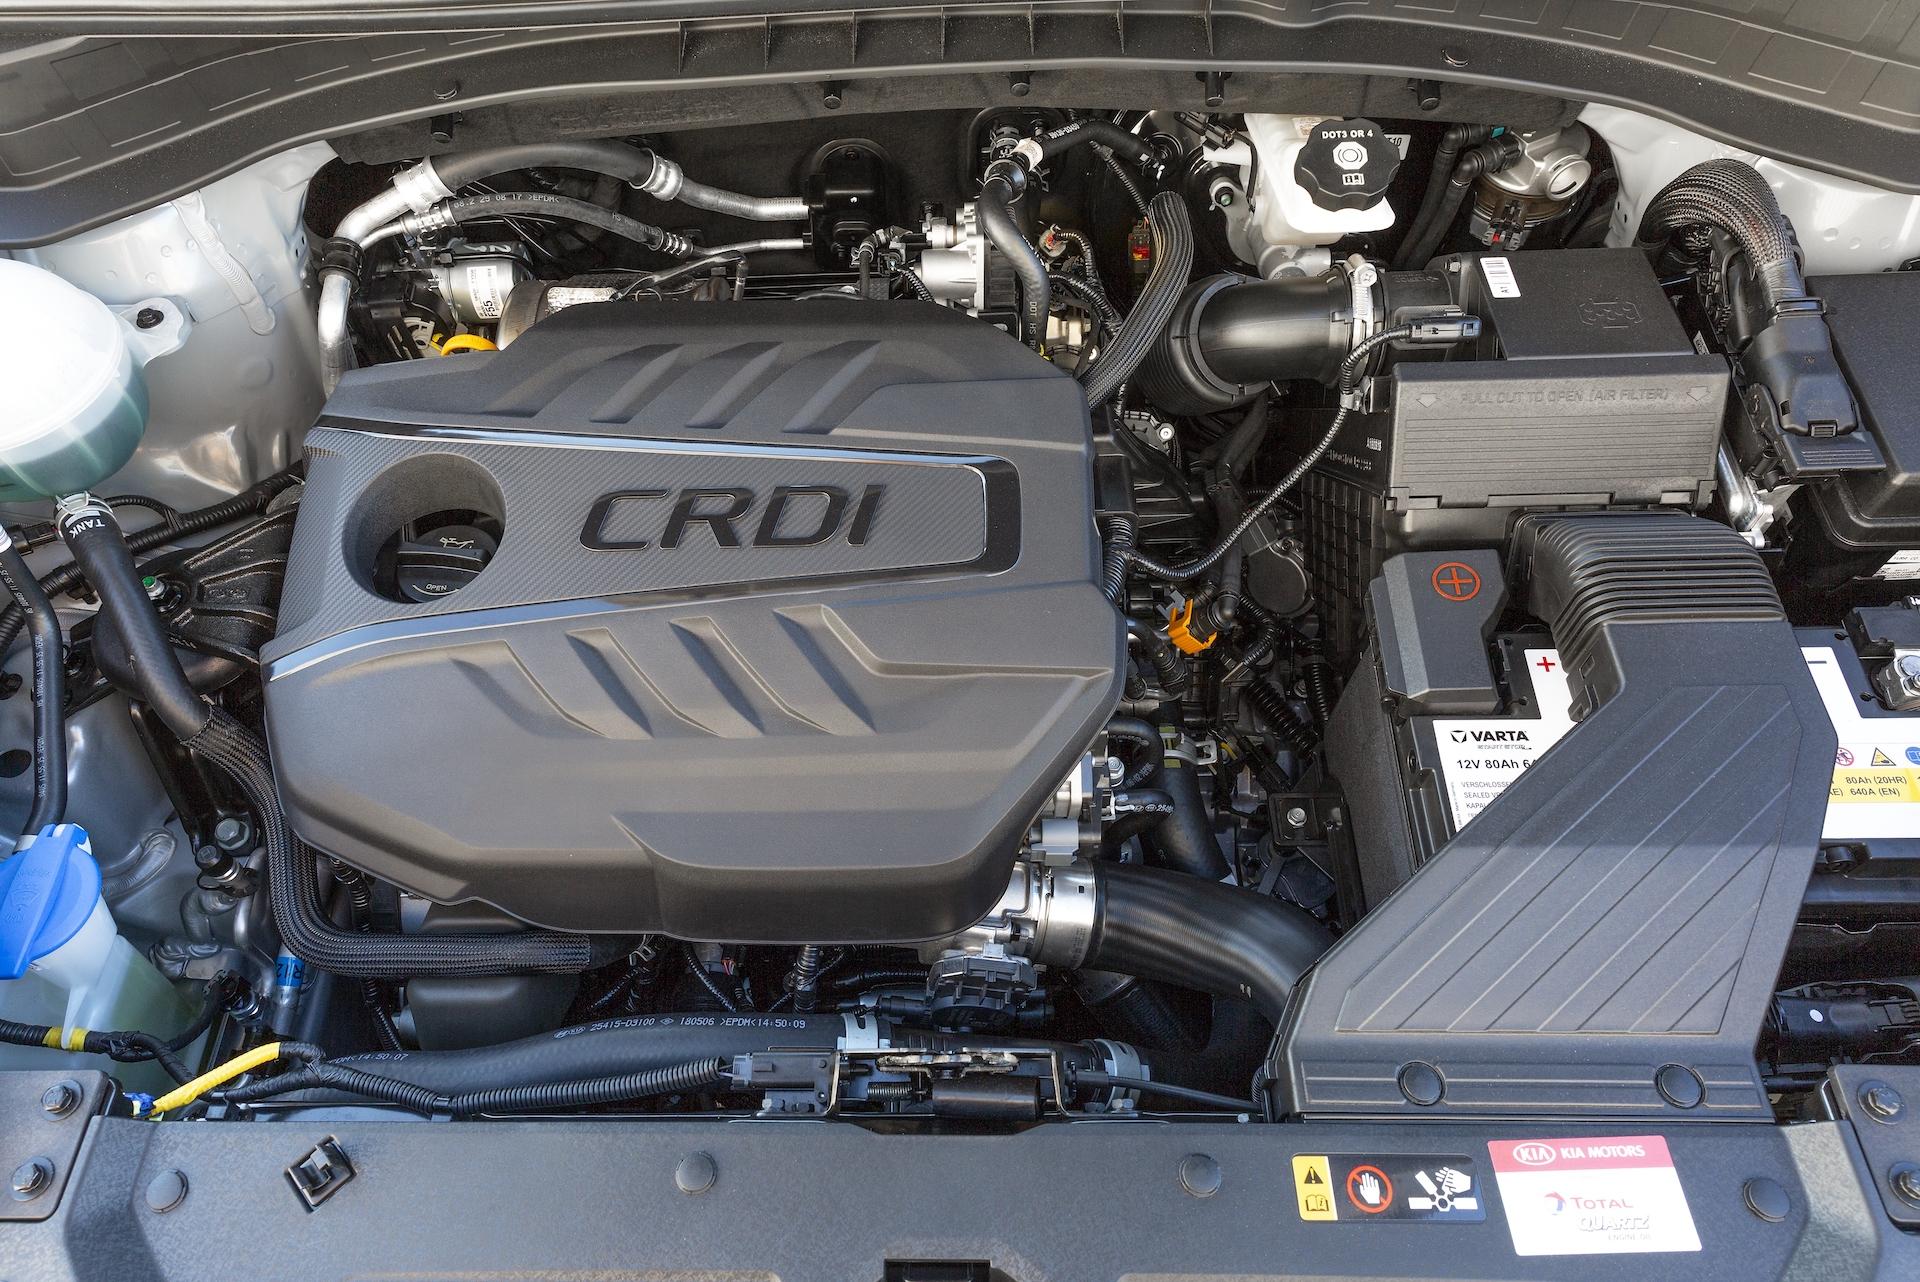 Automobilio variklis | consumerreports.org nuotr.